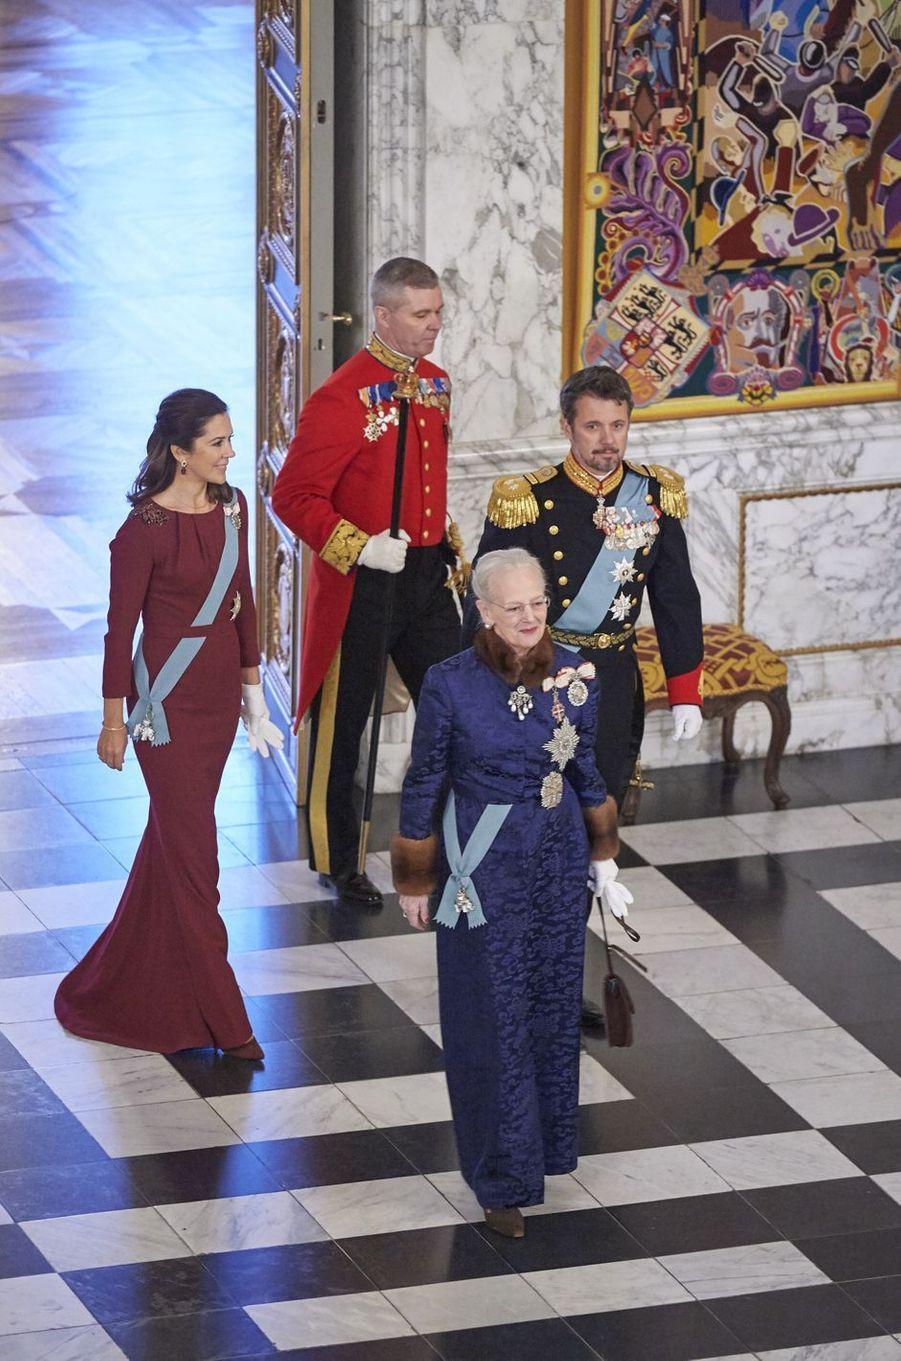 La princesse Mary et le prince Frederik de Danemark avec la reine Margrethe II à Copenhague, le 3 janvier 2018